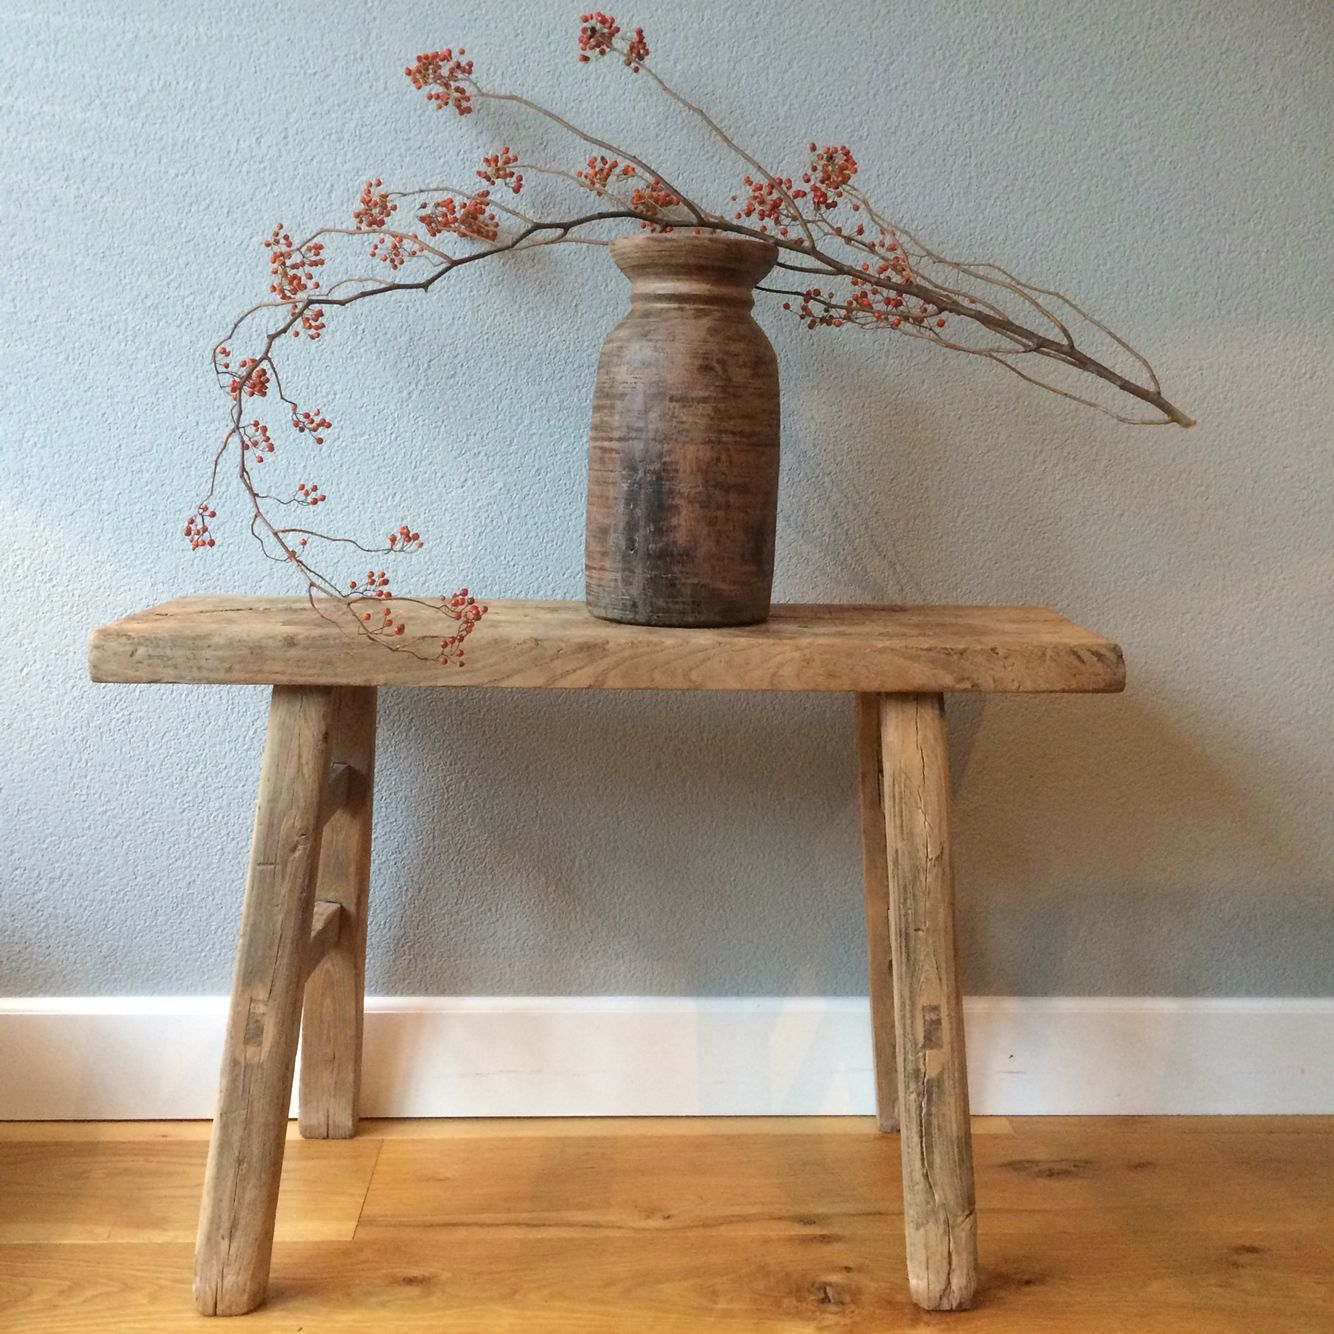 Oud houten bankje houten kruik rozenbottel takken grijs for Decoratie bankje